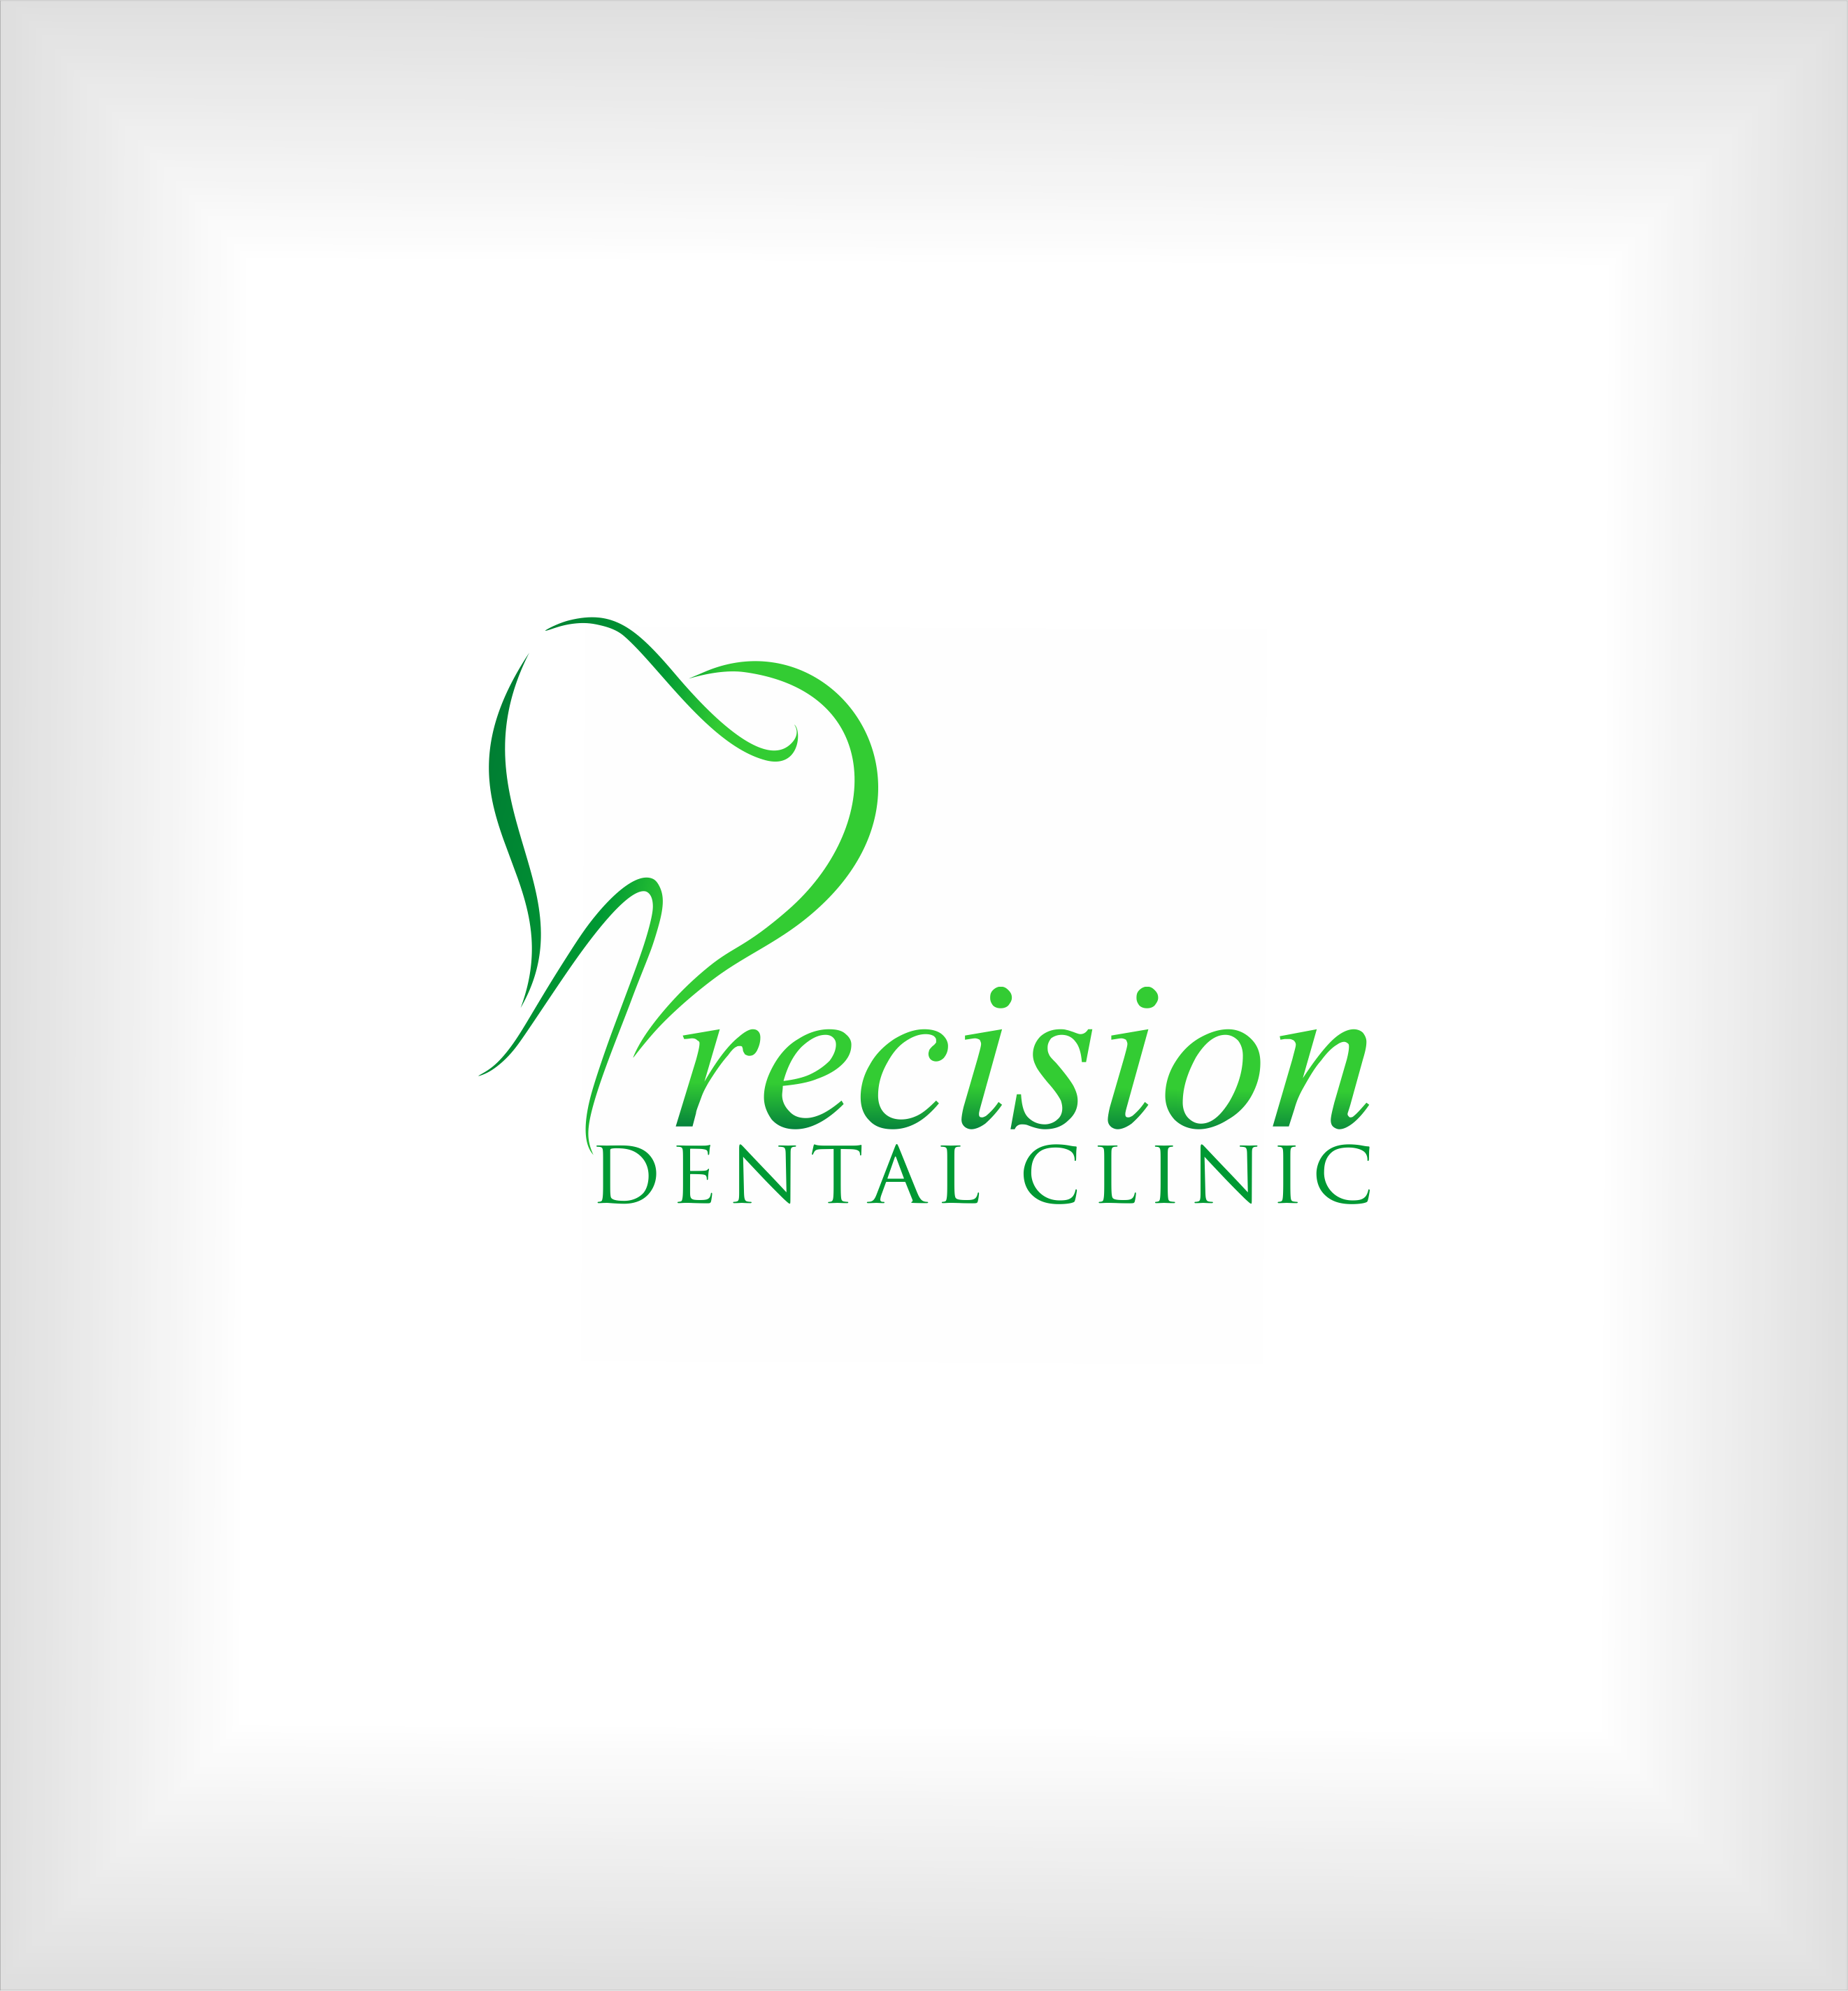 Logo Design by snow - Entry No. 161 in the Logo Design Contest Captivating Logo Design for Precision Dental Clinic.